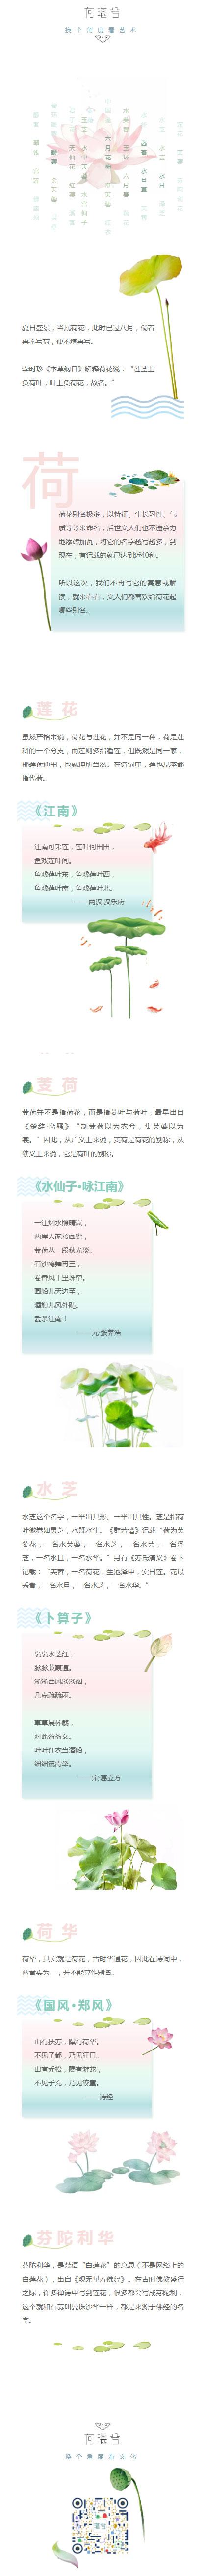 荷花莲花芙蓉诗歌作品赏析清新风格模板中国风